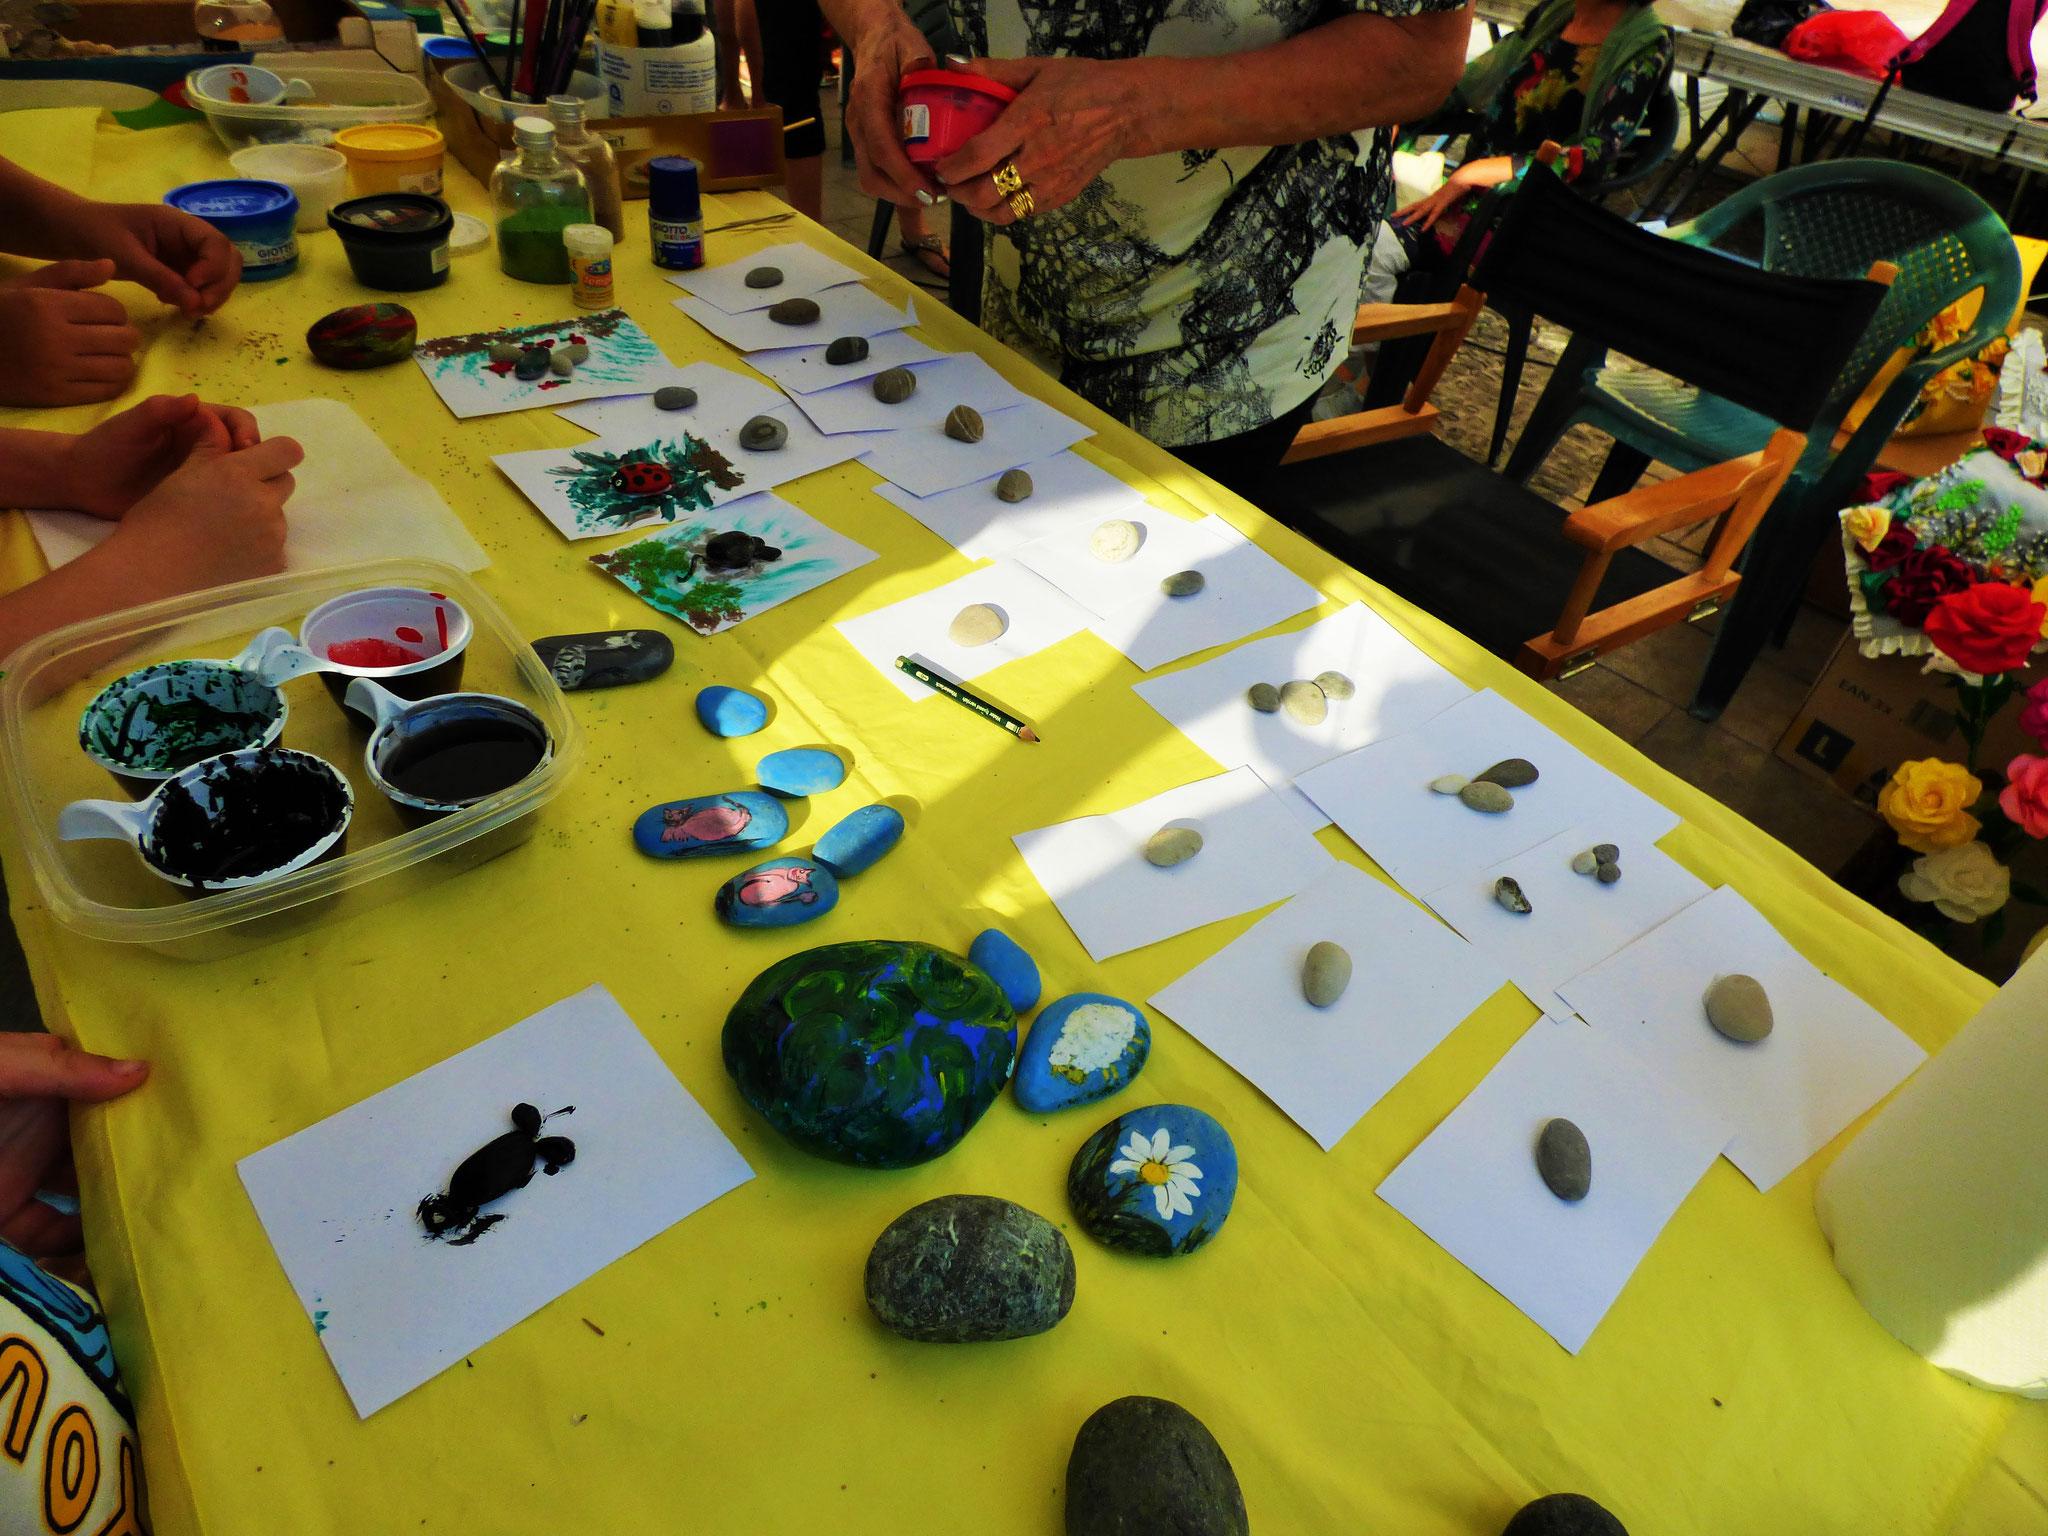 Bobbio 16 agosto  ArTre in piazza con Laboratori creativi  e mercatino artigianale